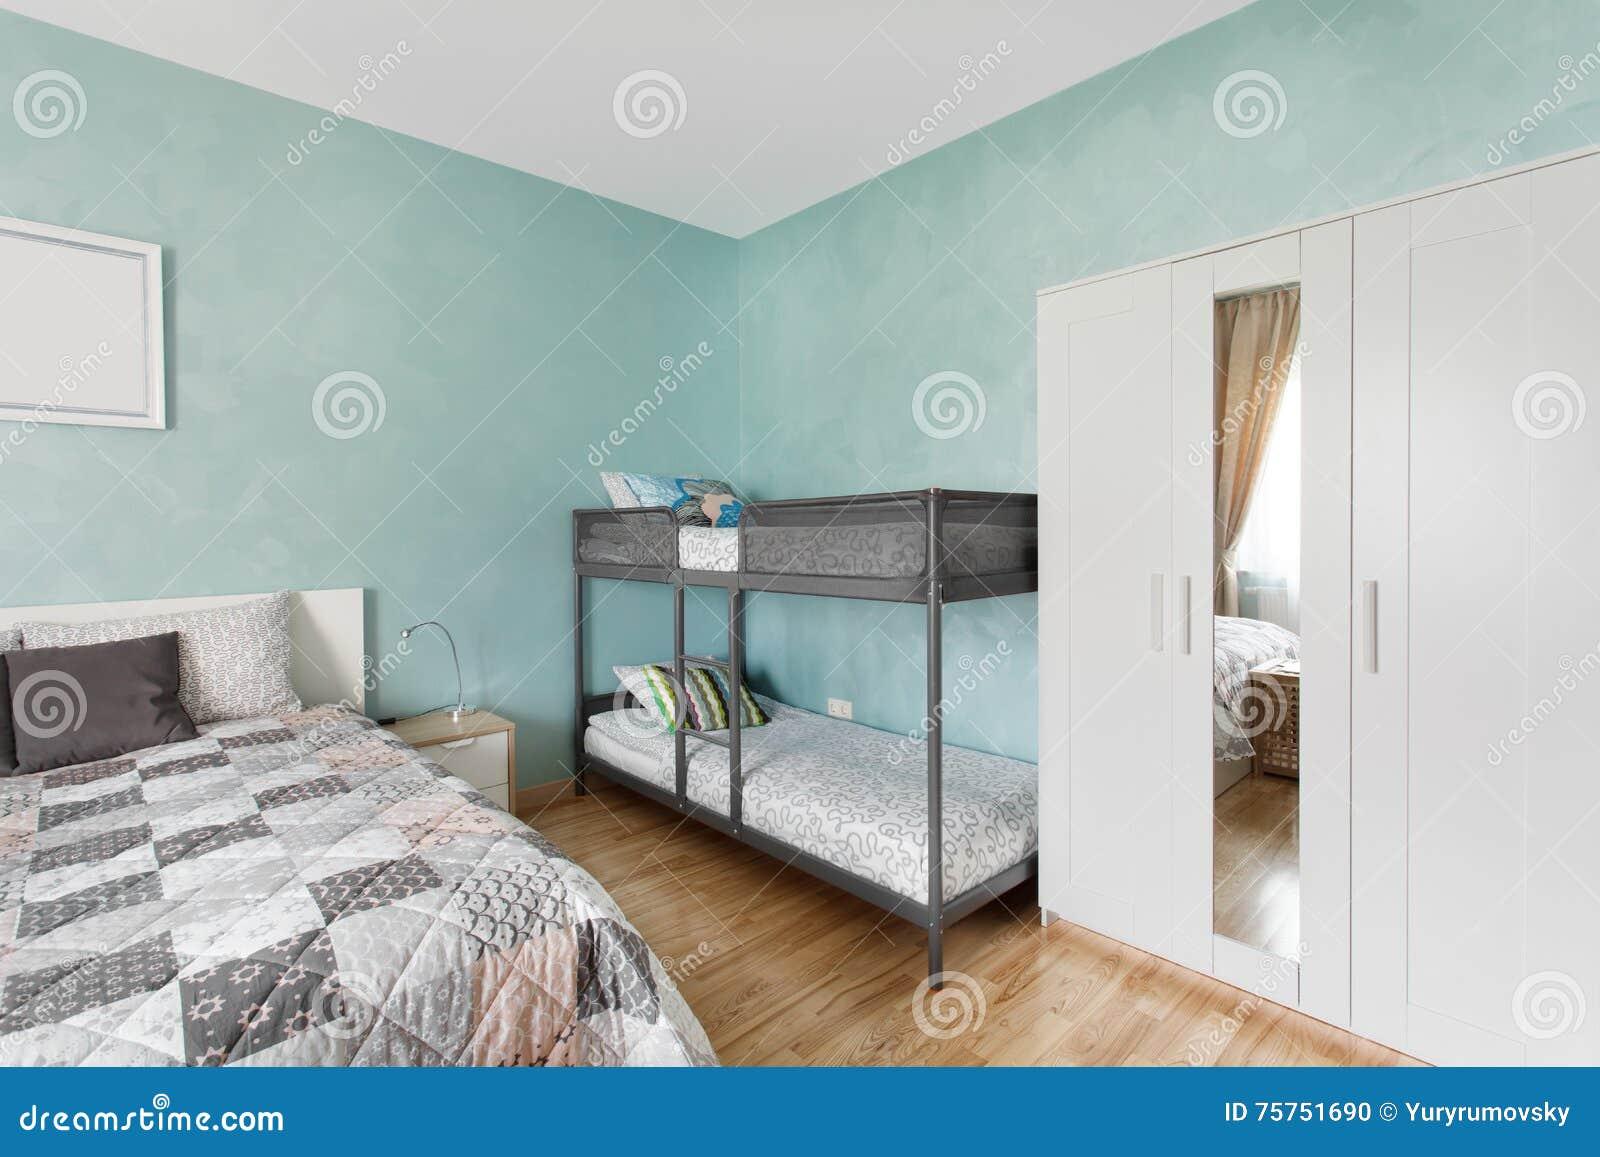 Nordisches Schlafzimmer In Der Blauen Farbe Stockfoto - Bild von ...